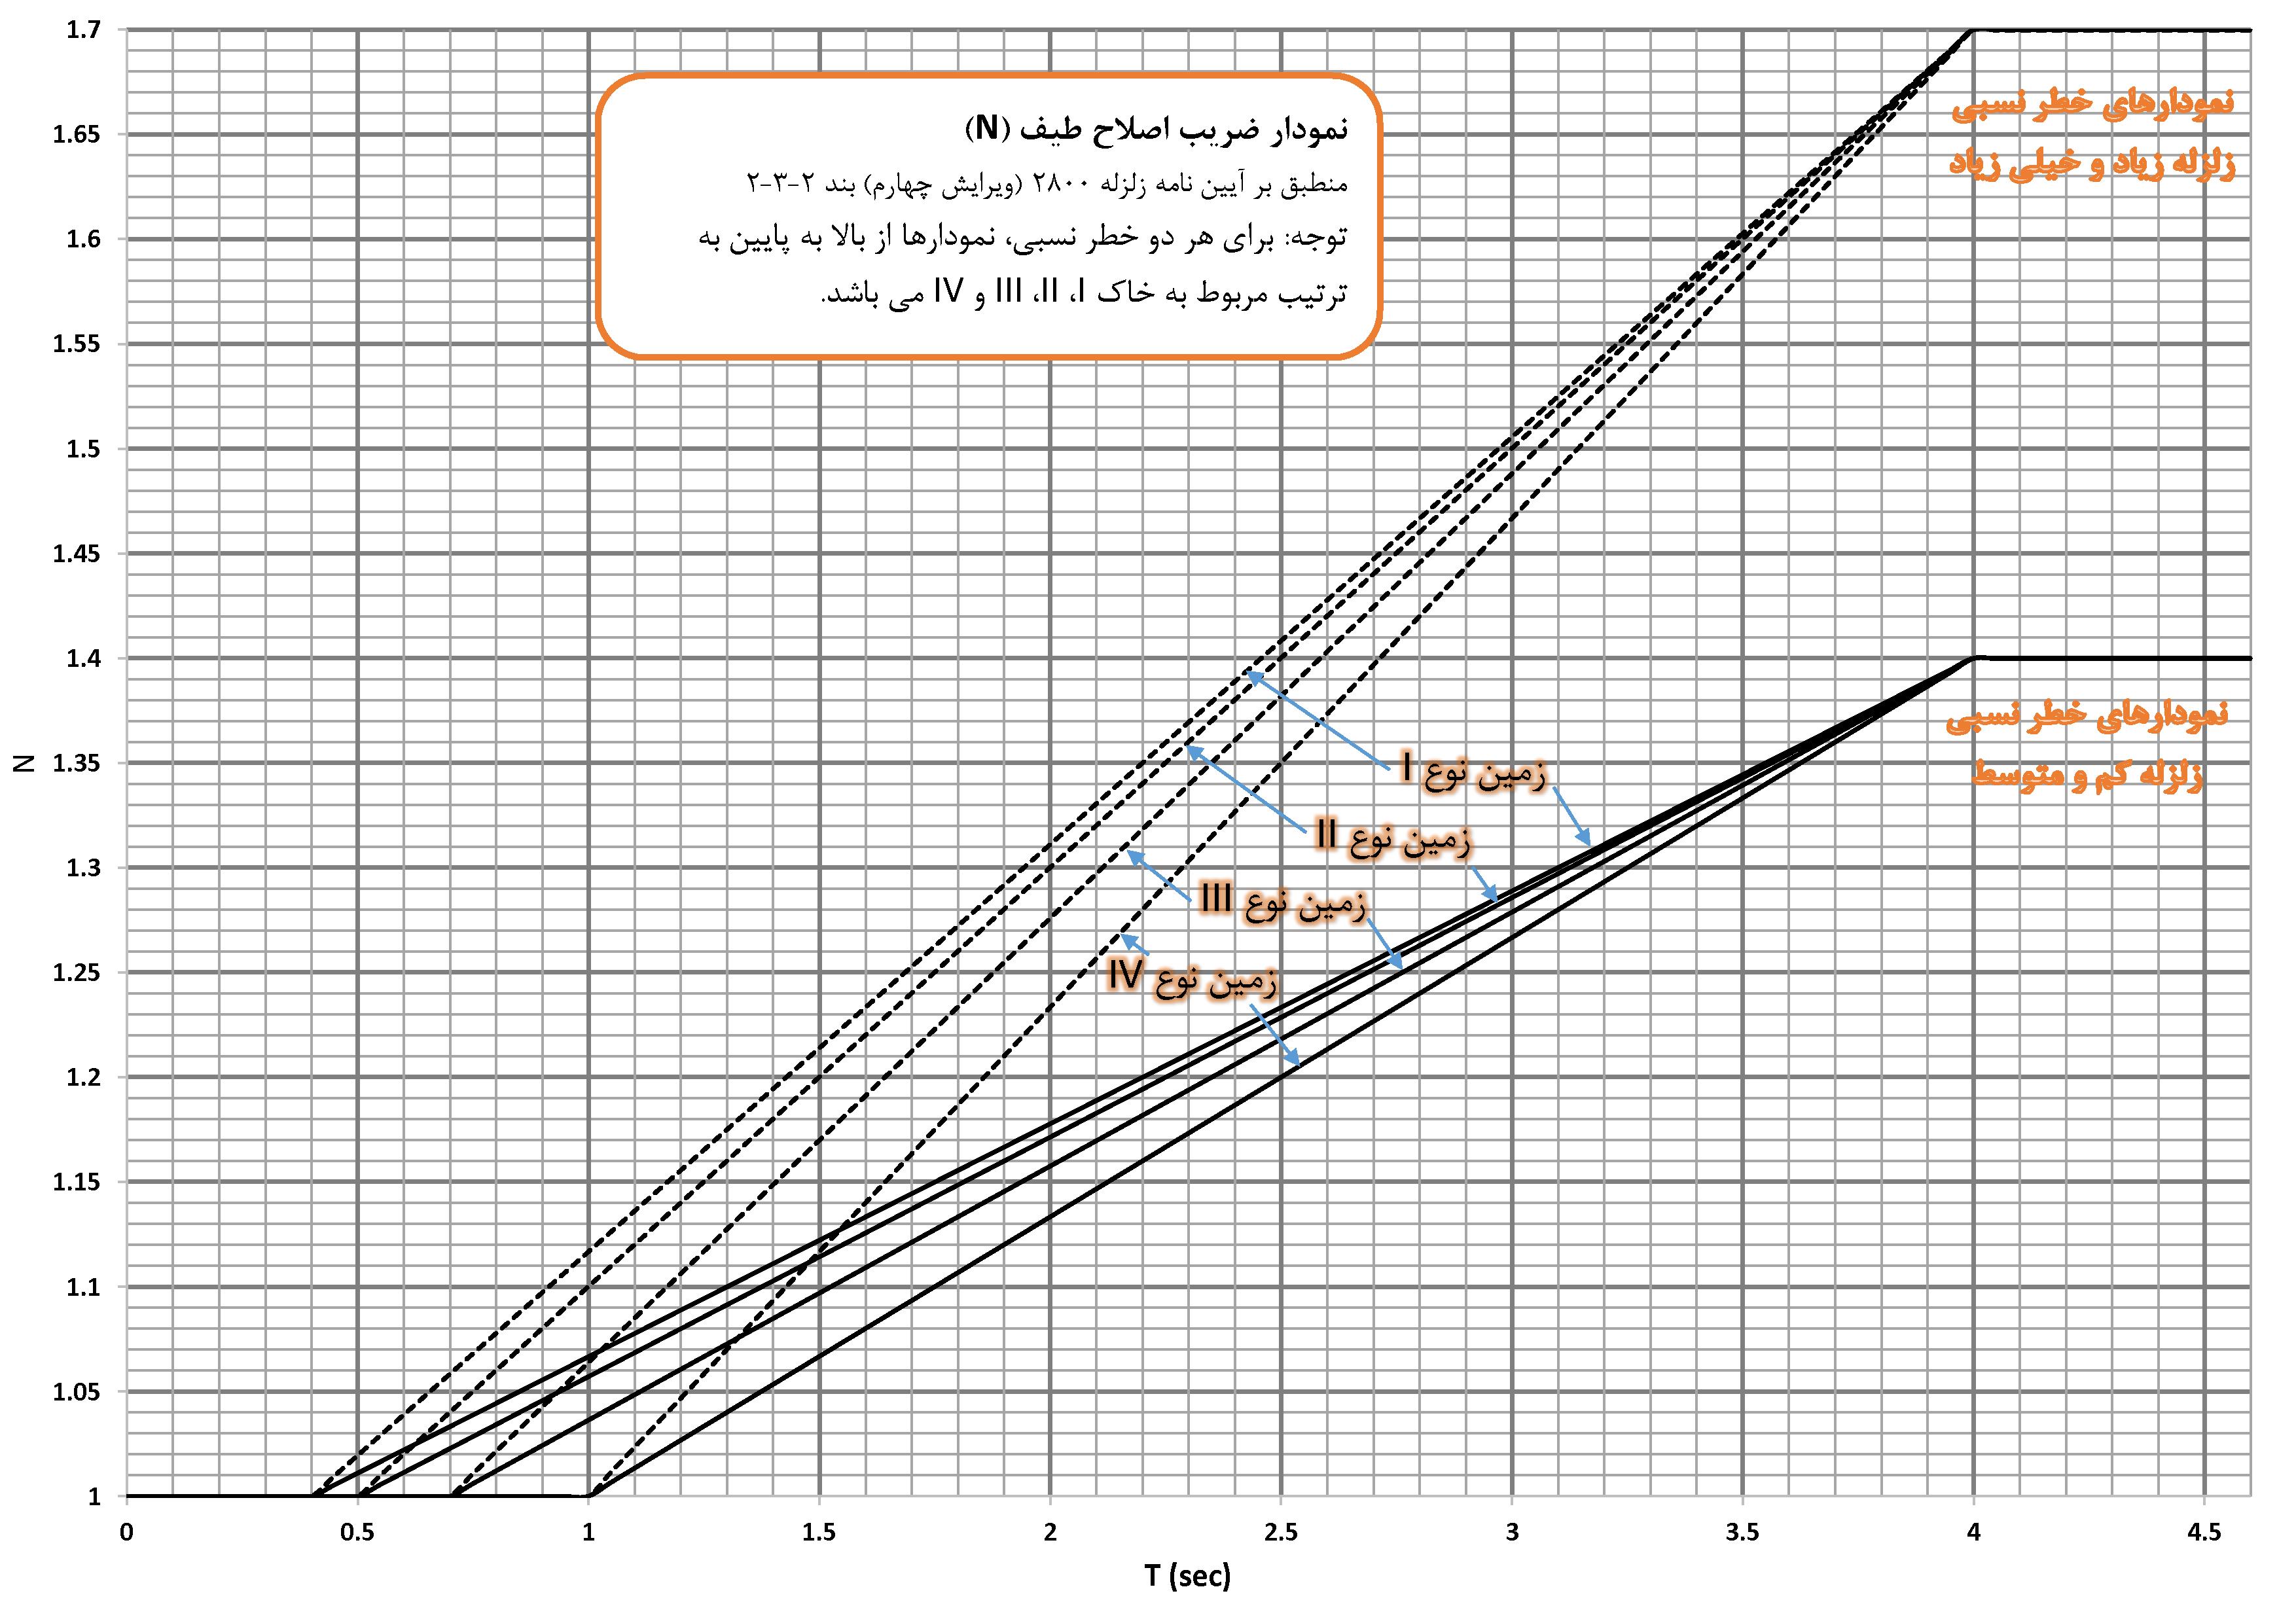 نمودار کاربردی ضریب اصلاح طیف